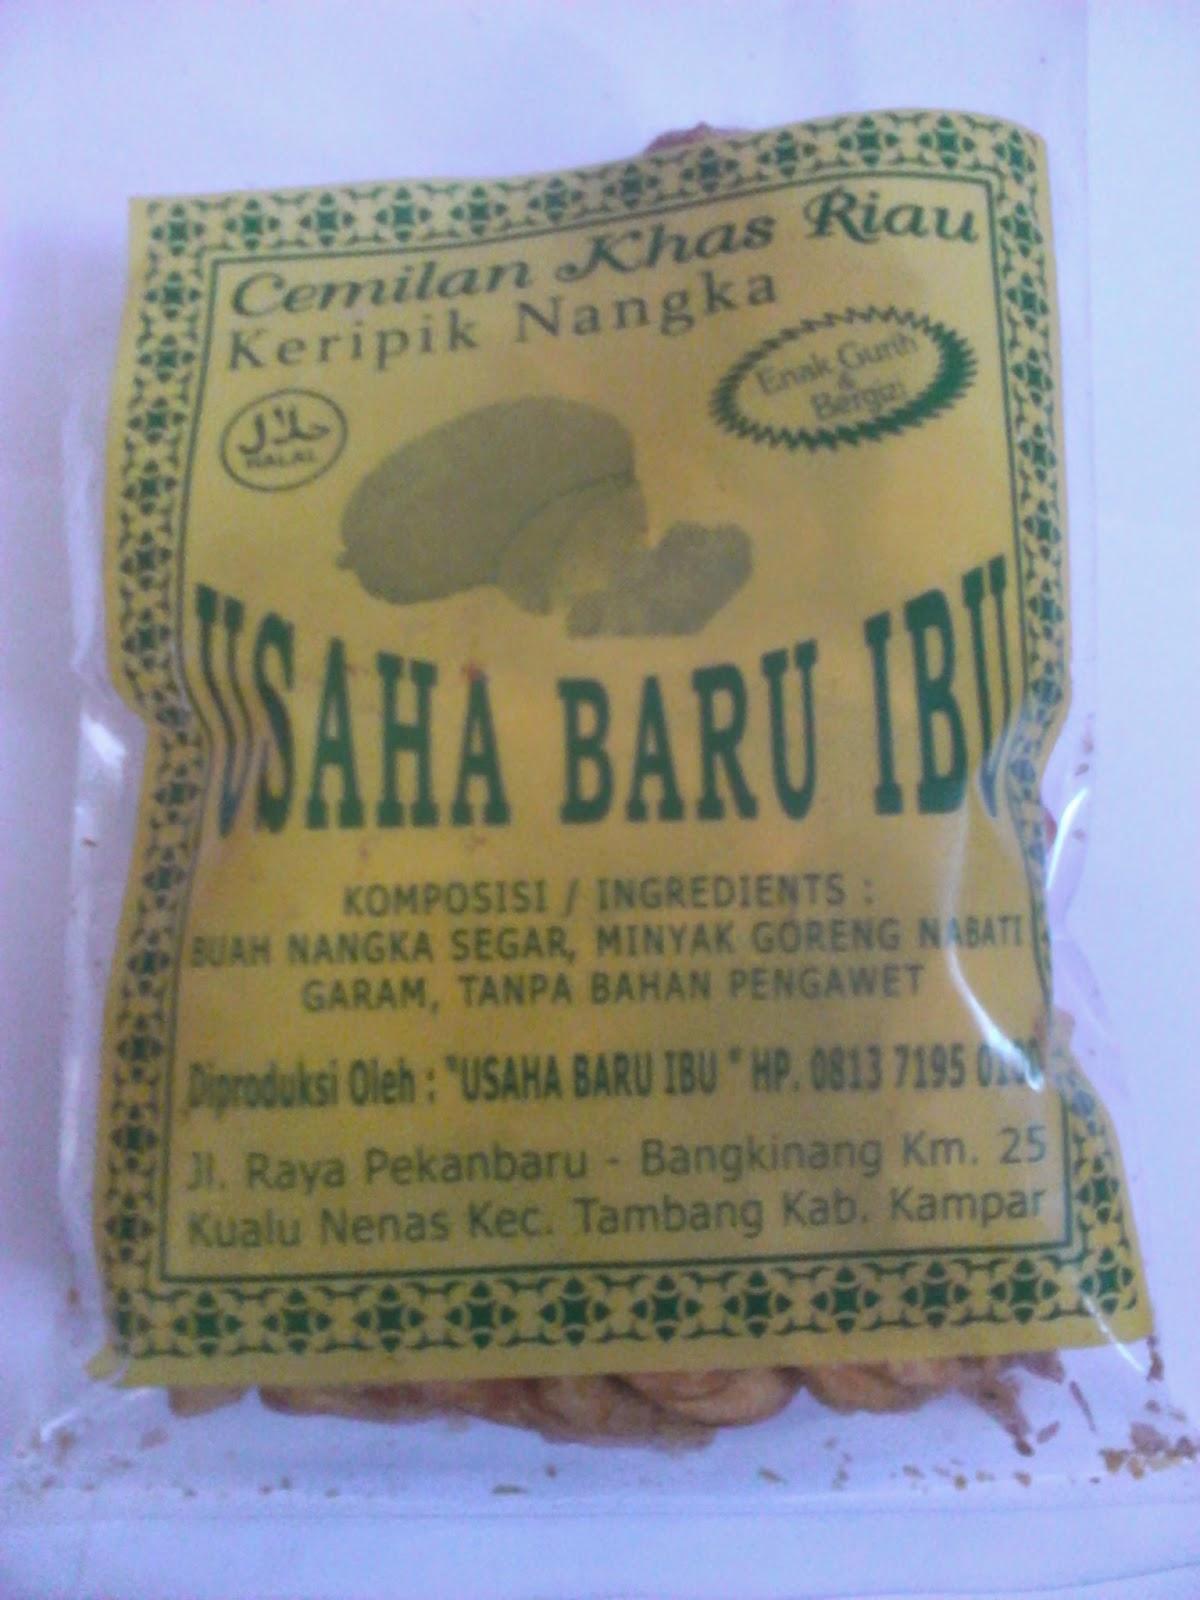 Jual Keripik Nangka Khas Riau